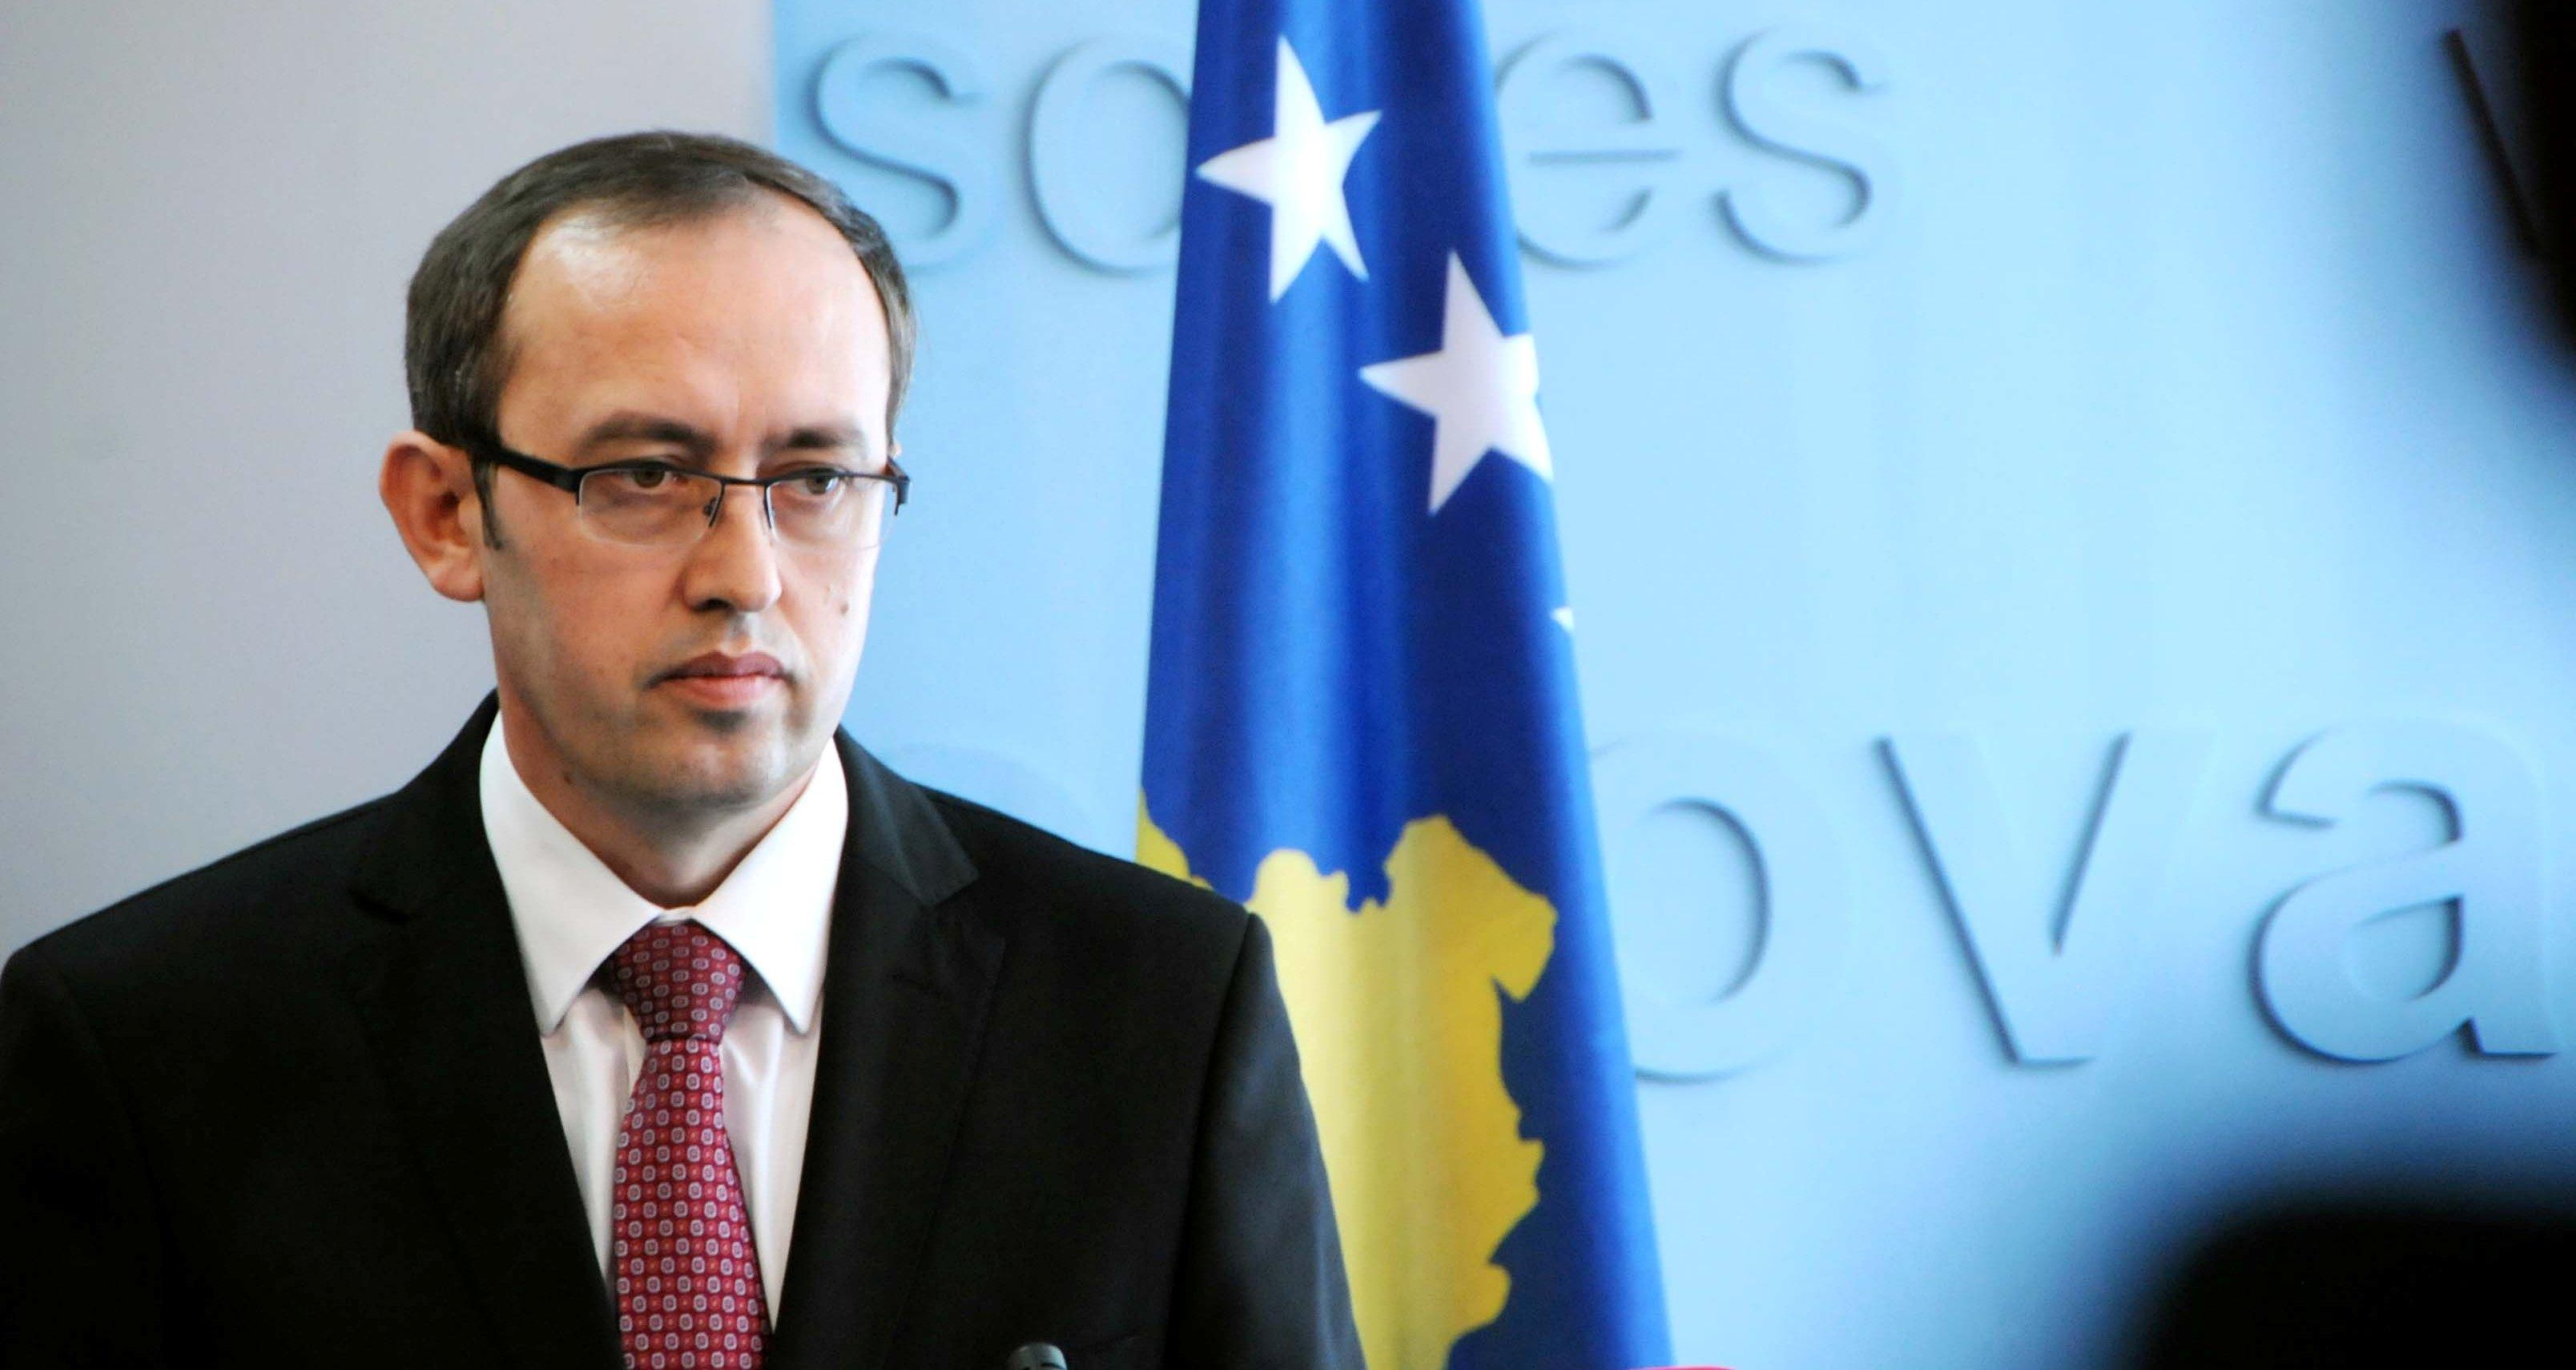 Σημασία της διαδικασίας του Βερολίνου για το Κοσσυφοπέδιο και τα Βαλκάνια